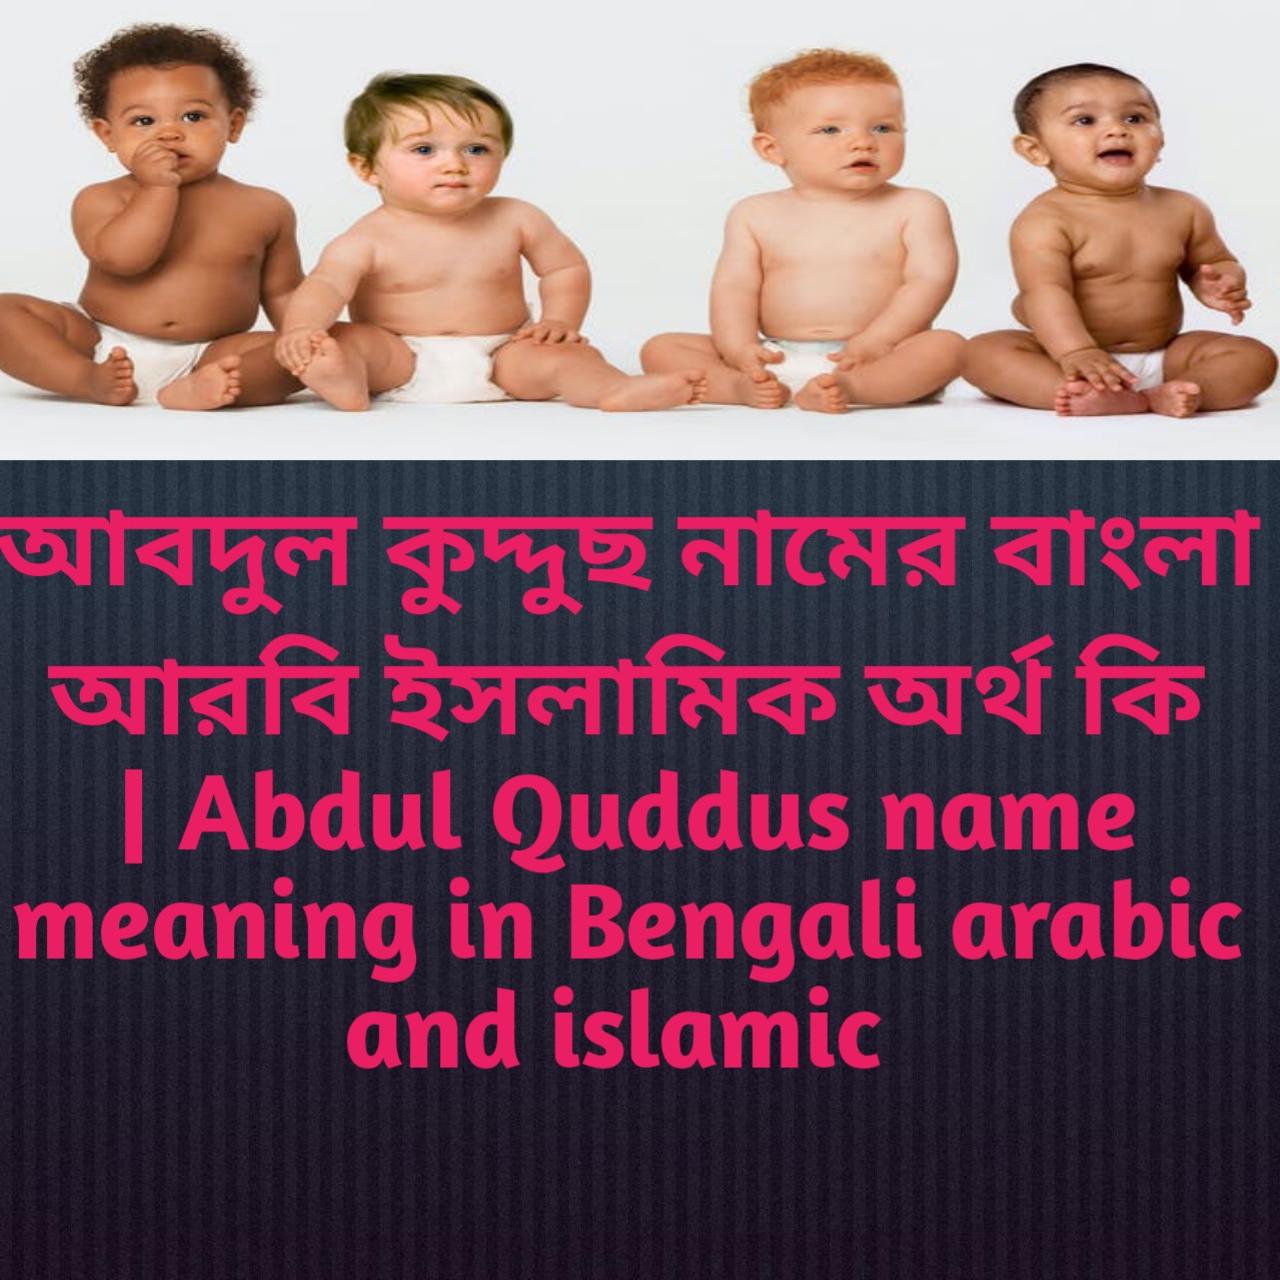 আবদুল কুদ্দুছ নামের অর্থ কি, আবদুল কুদ্দুছ নামের বাংলা অর্থ কি, আবদুল কুদ্দুছ নামের ইসলামিক অর্থ কি, Abdul Quddus name meaning in Bengali, আবদুল কুদ্দুছ কি ইসলামিক নাম,